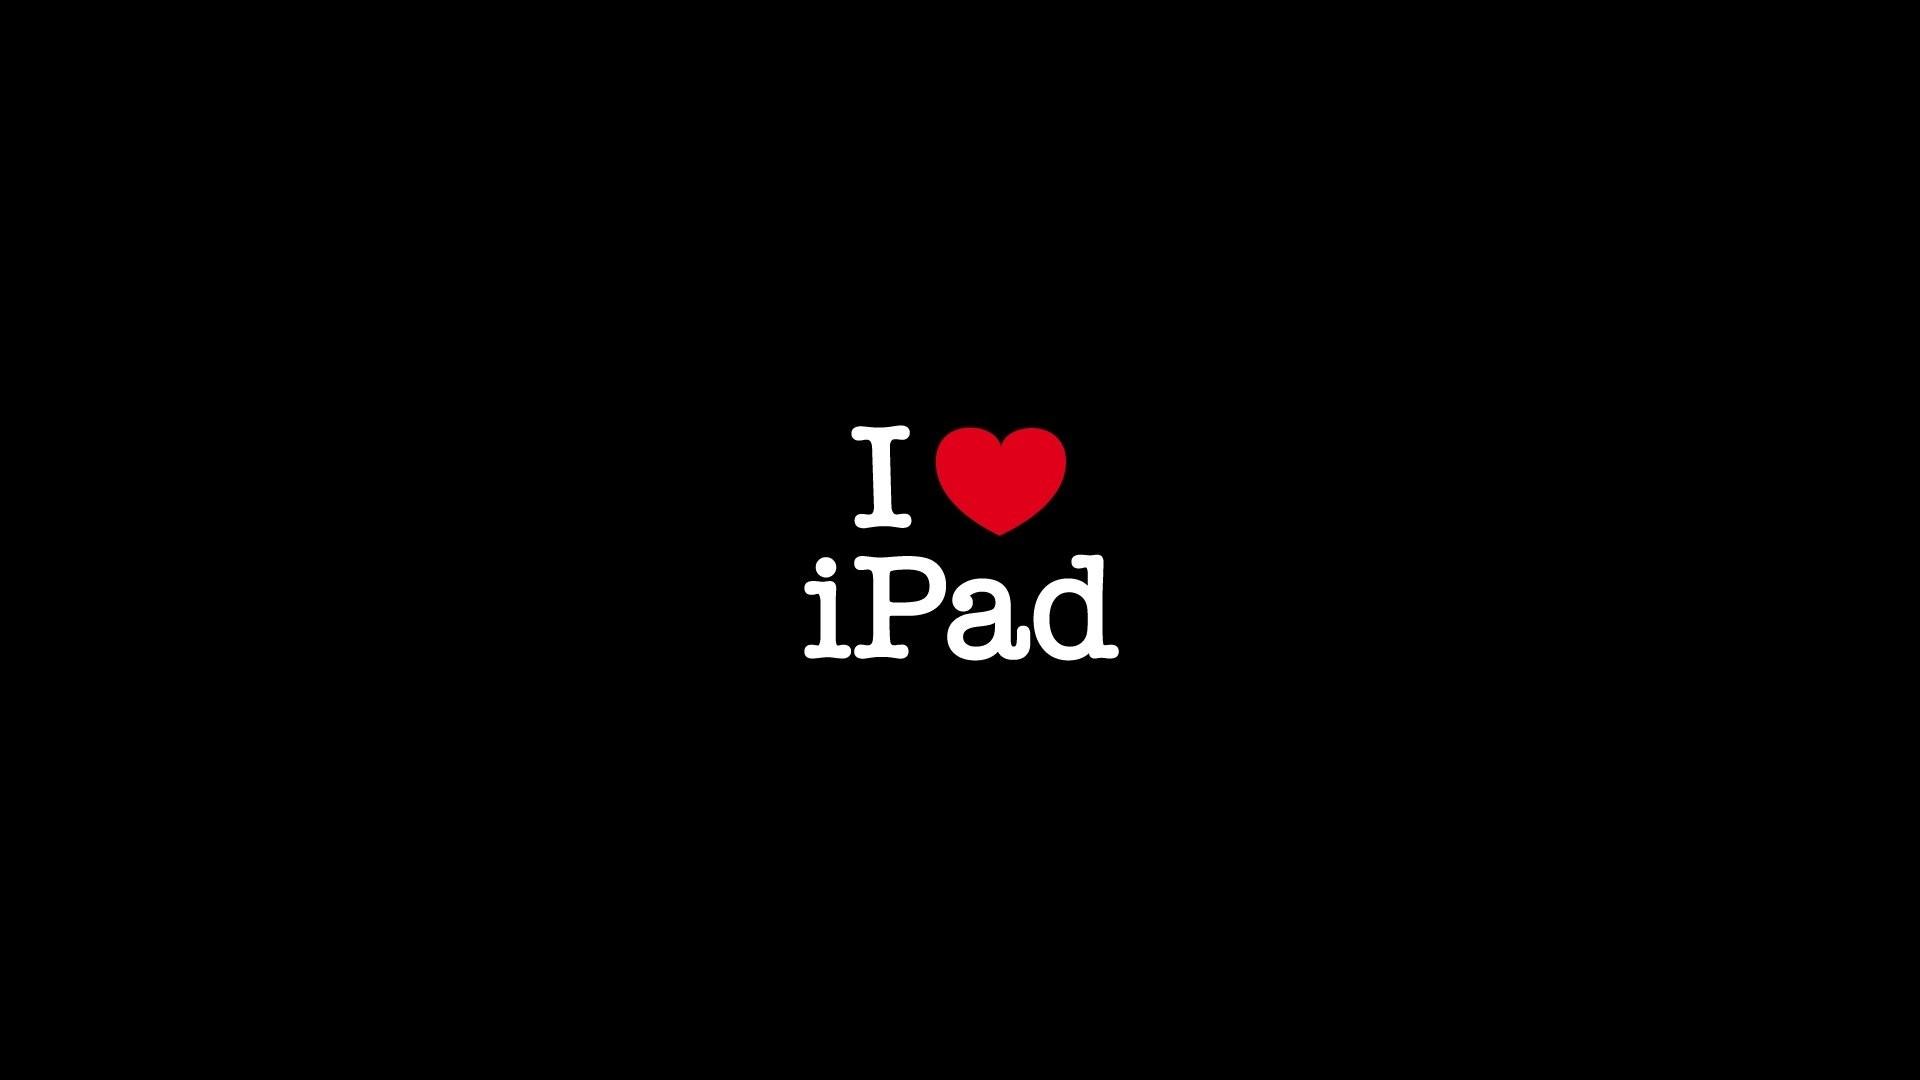 Ipad HD Wallpaper. TAGS: Desktop Dragon Love Red Black